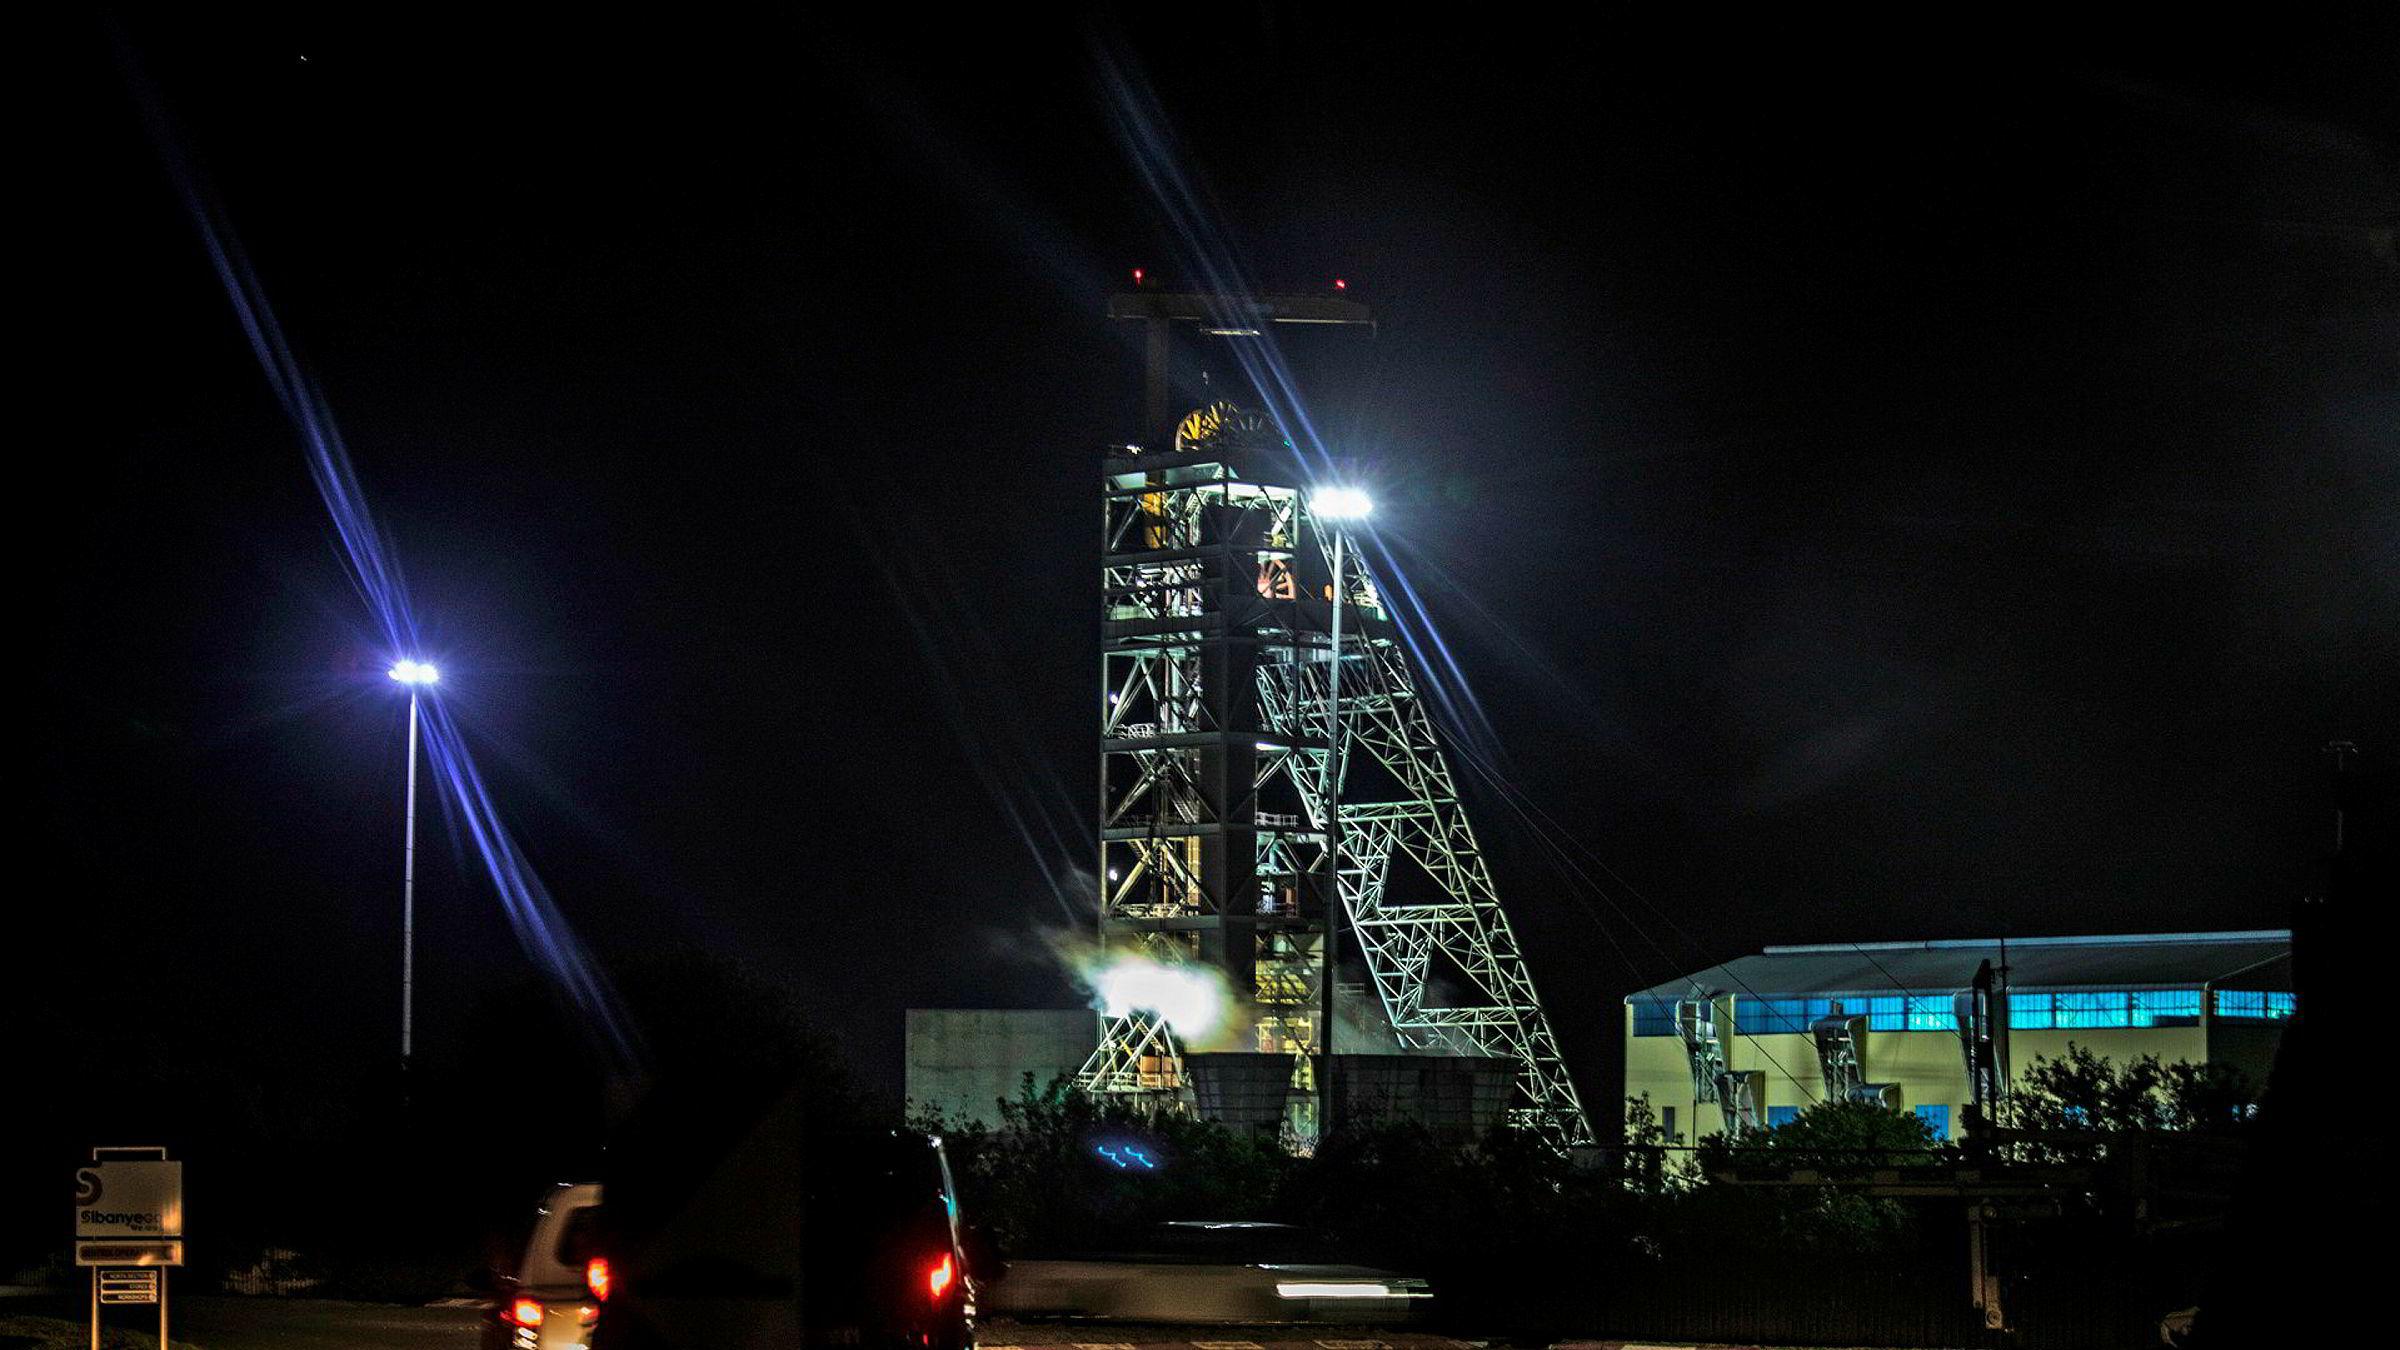 955 gruvearbeidere ble reddet opp fra denne gruven i natt.